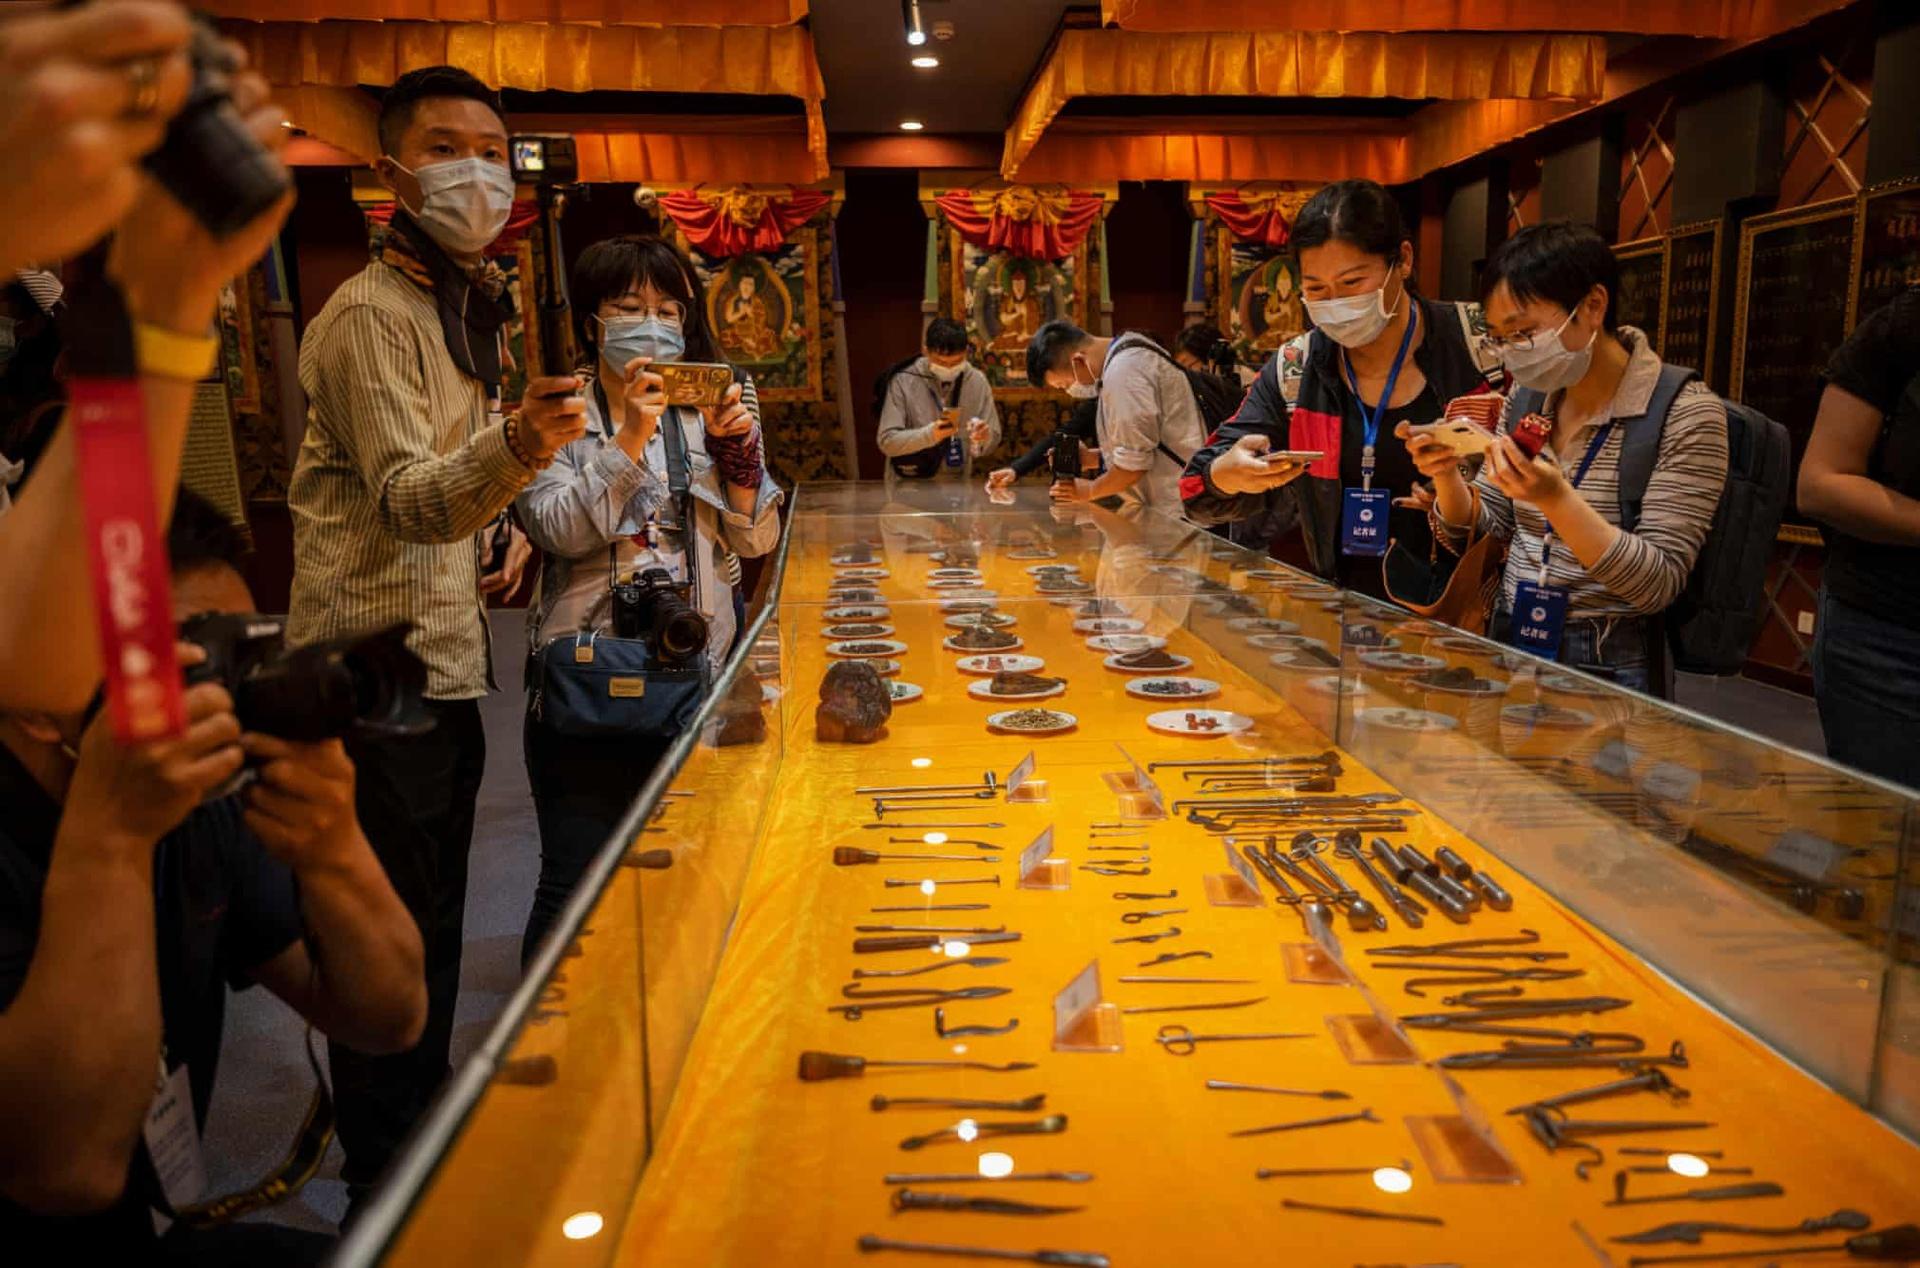 Các nhà báo nước ngoài tham quan một cơ sở y học cổ truyền trong chuyến đi do chính quyền tổ chức.